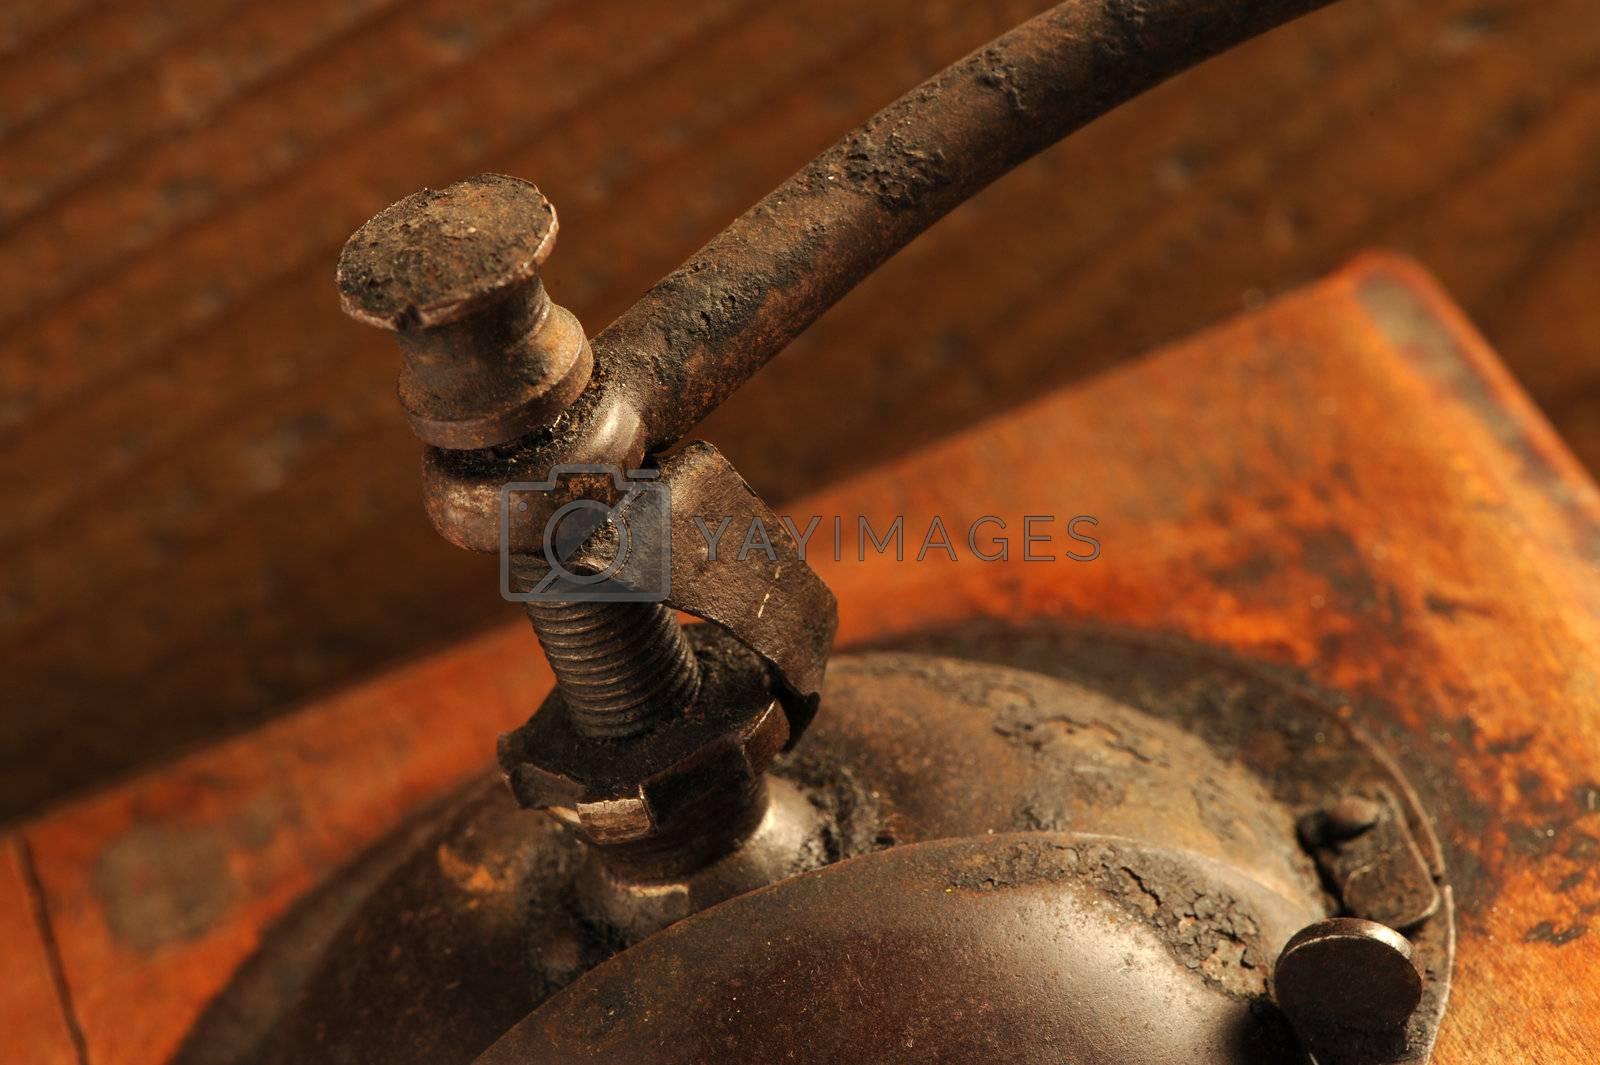 detail of Vintage manual coffee grinder